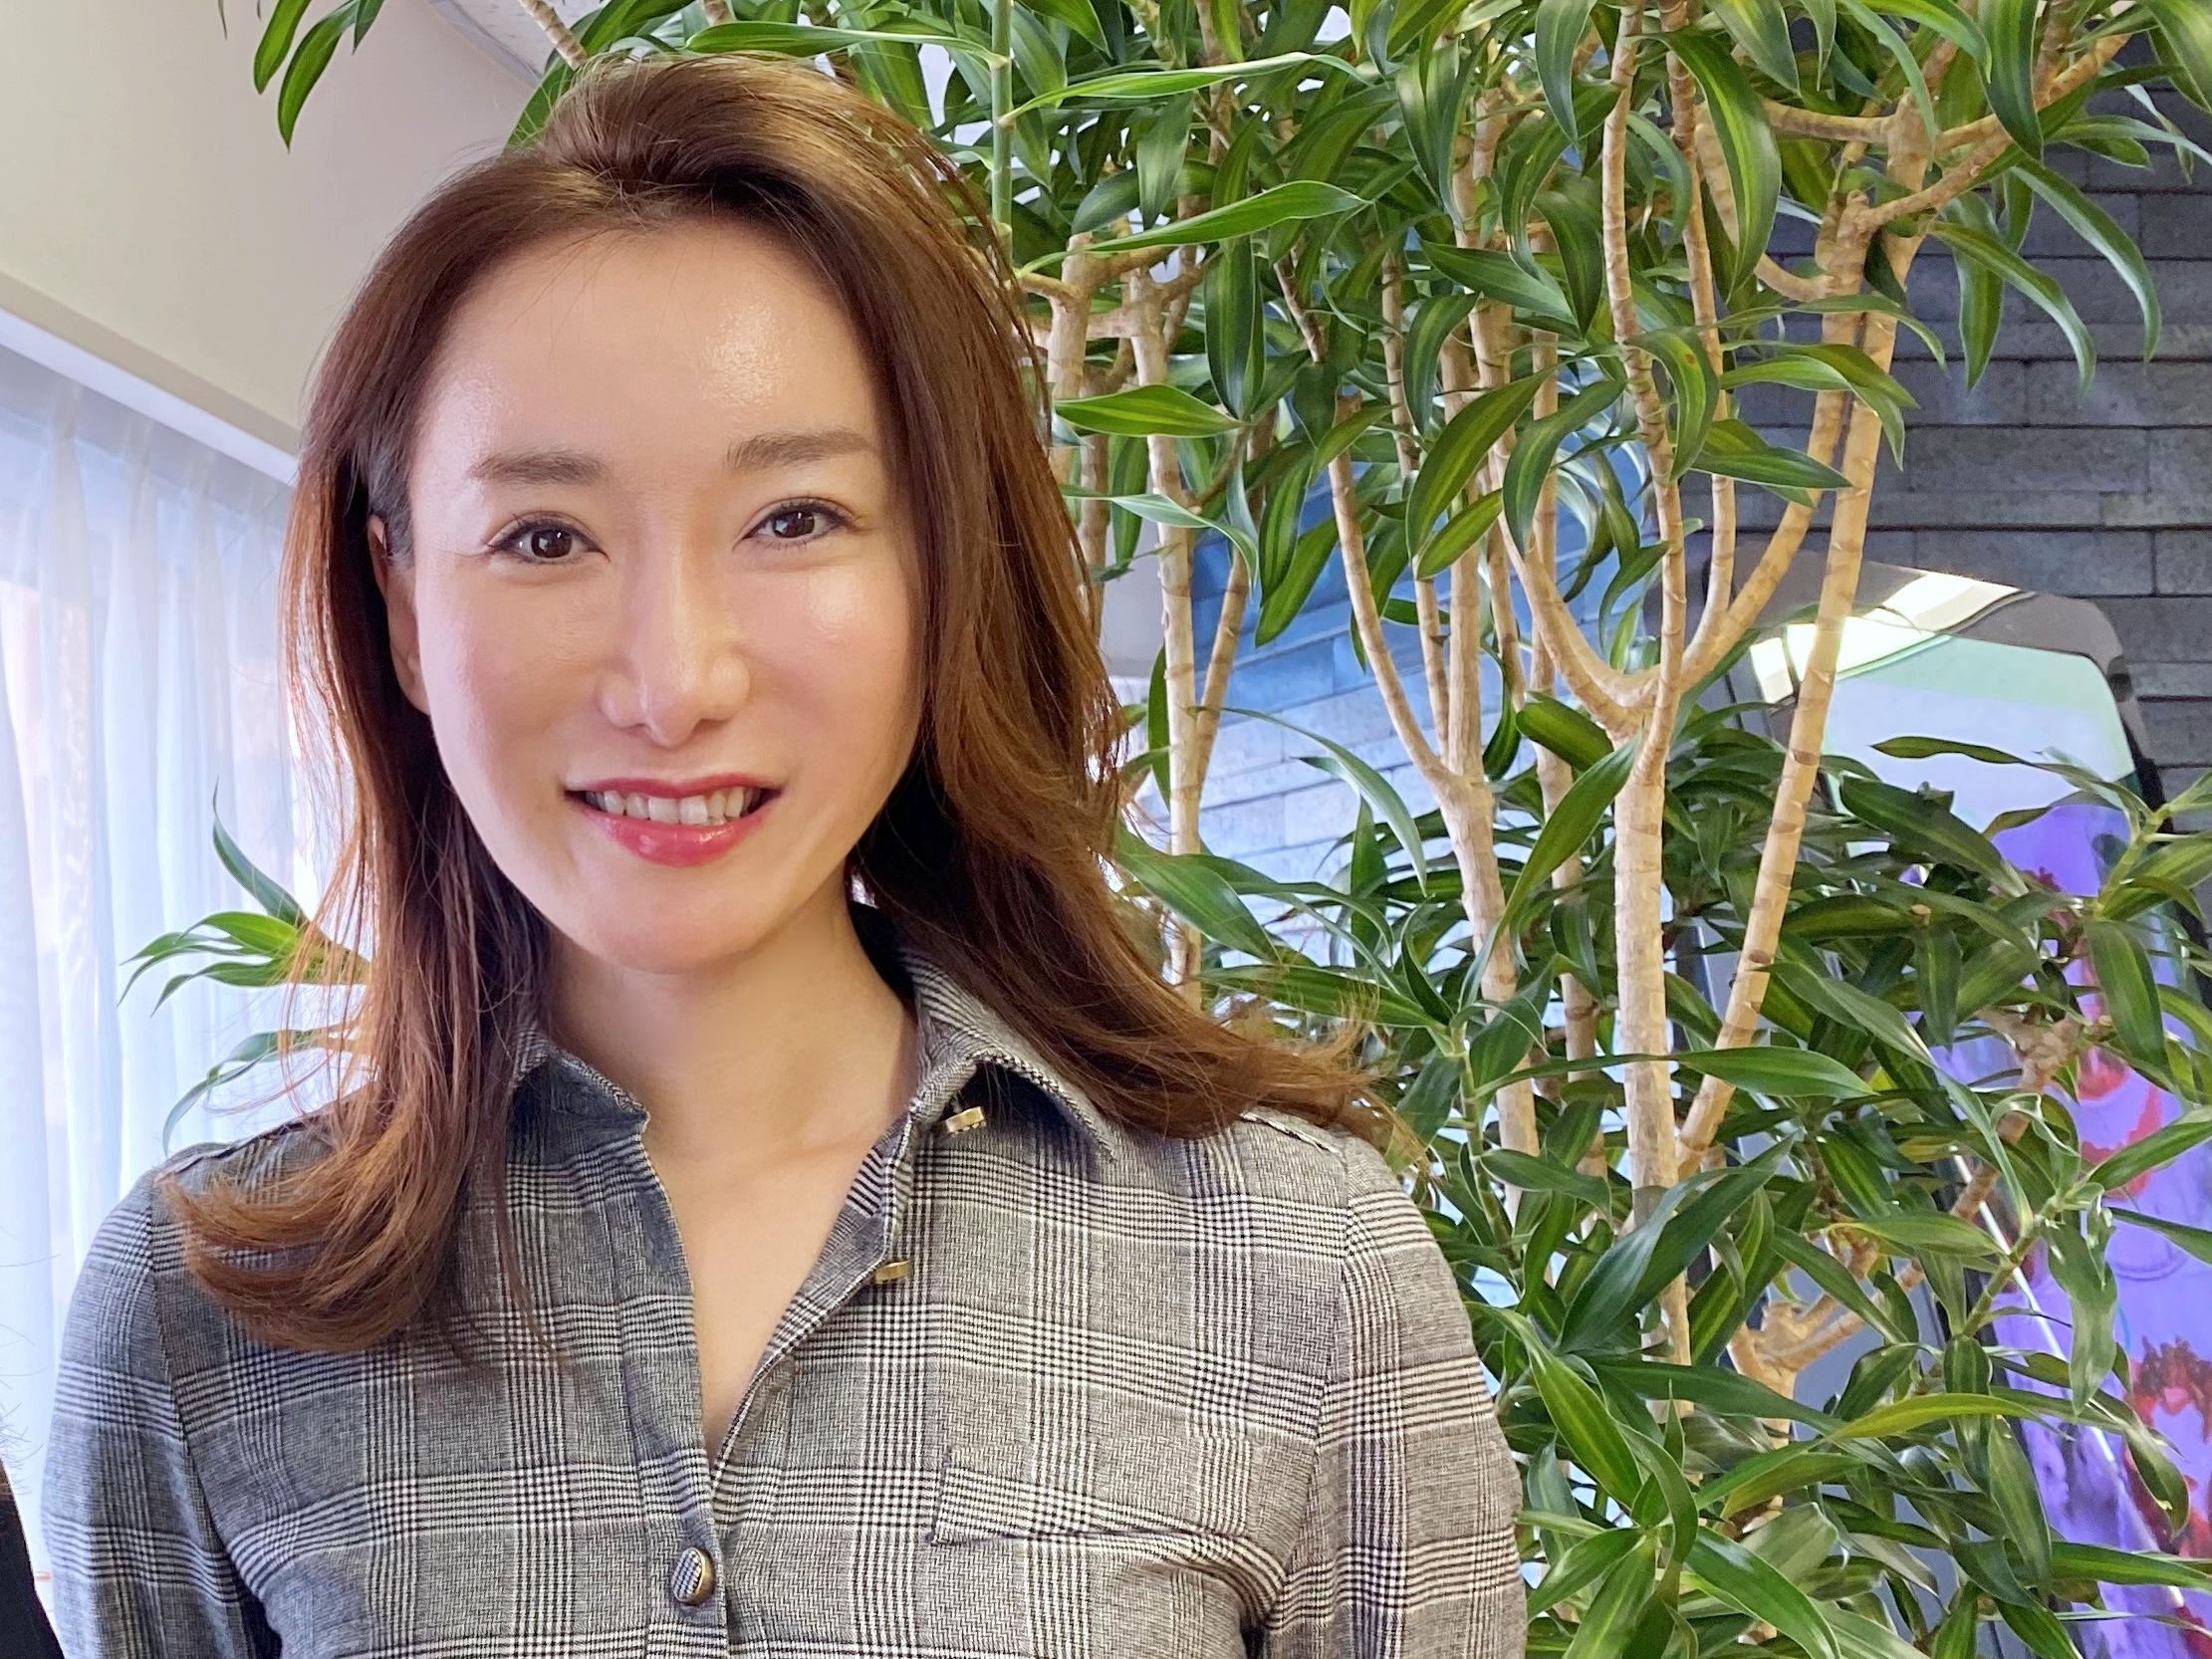 飯嶋真美特別インタビュー:「自立した女性」画像